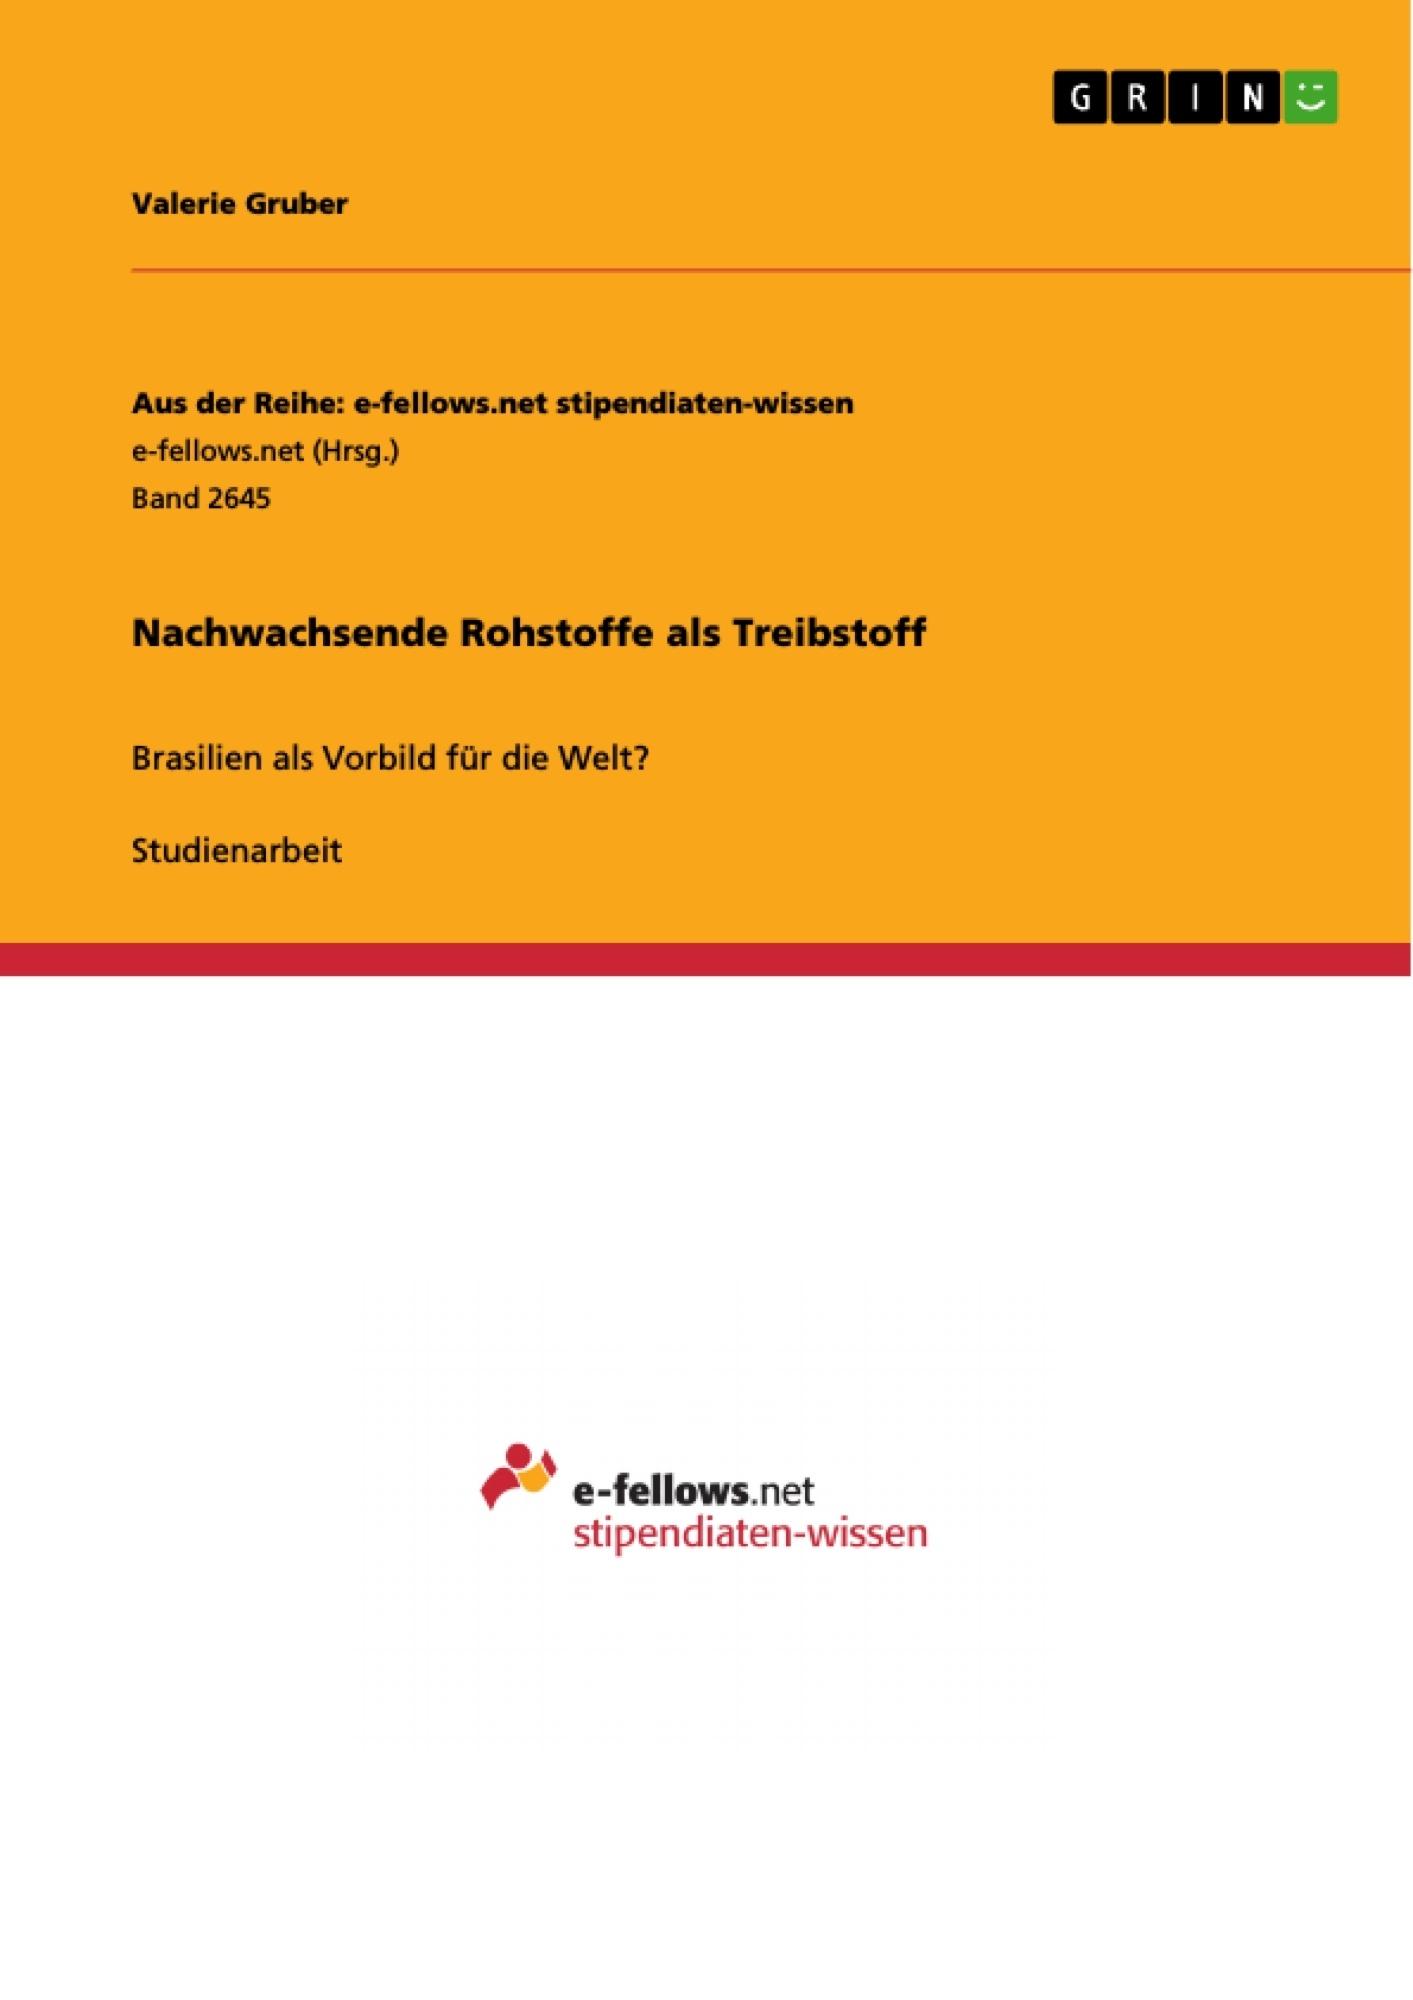 Titel: Nachwachsende Rohstoffe als Treibstoff